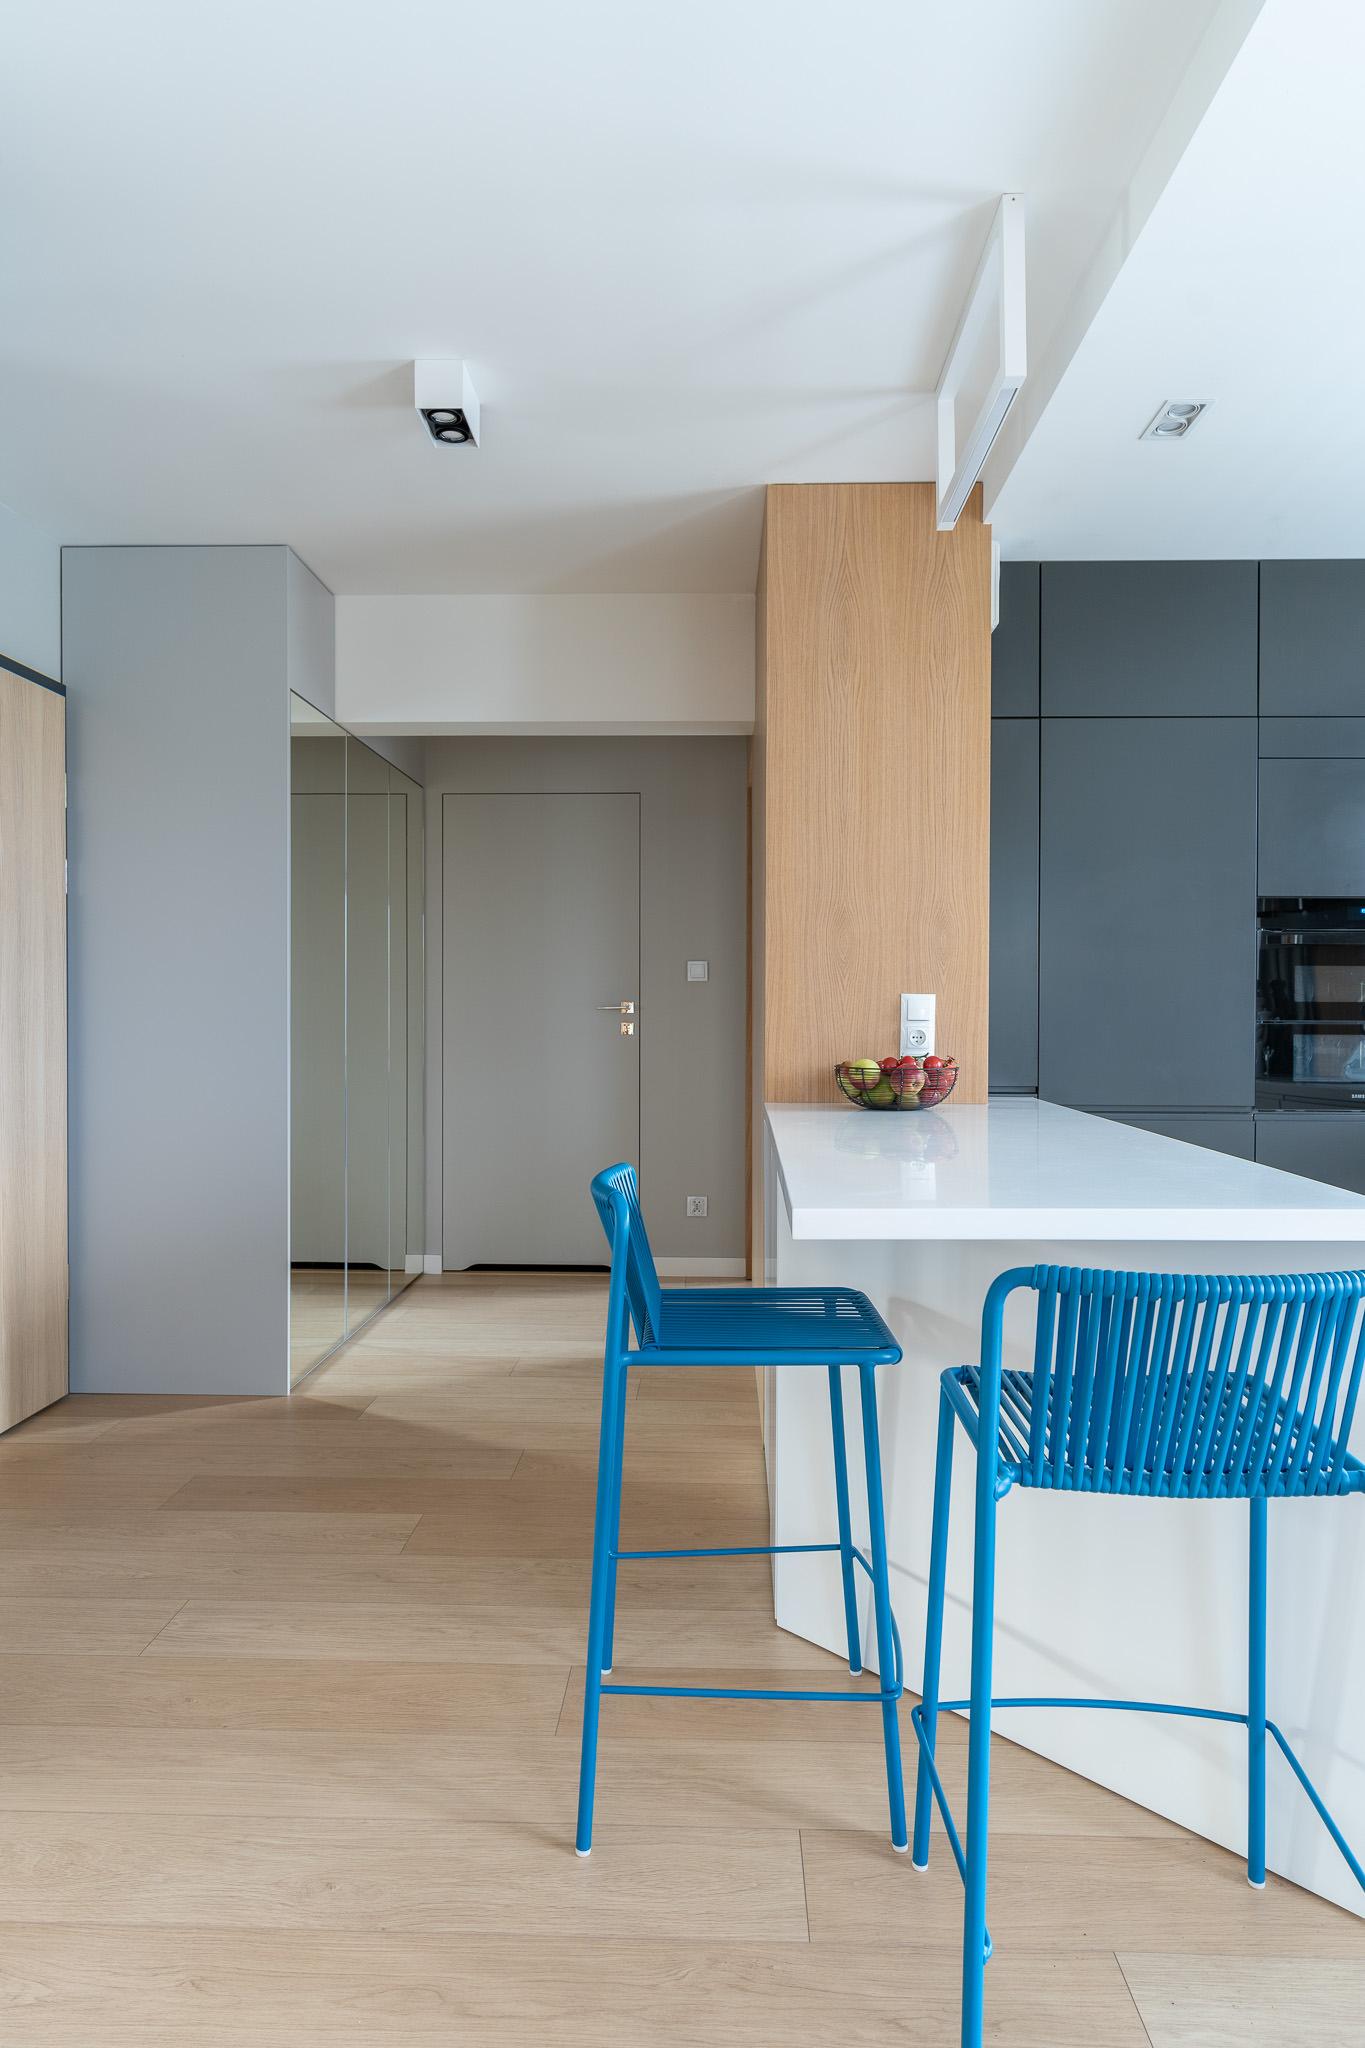 6 projketowanie wnetrz R105 mieszkanie Krakow strefa wejsciowa szafa z lustrami drewno na scienie biala polwyspa z hokerami